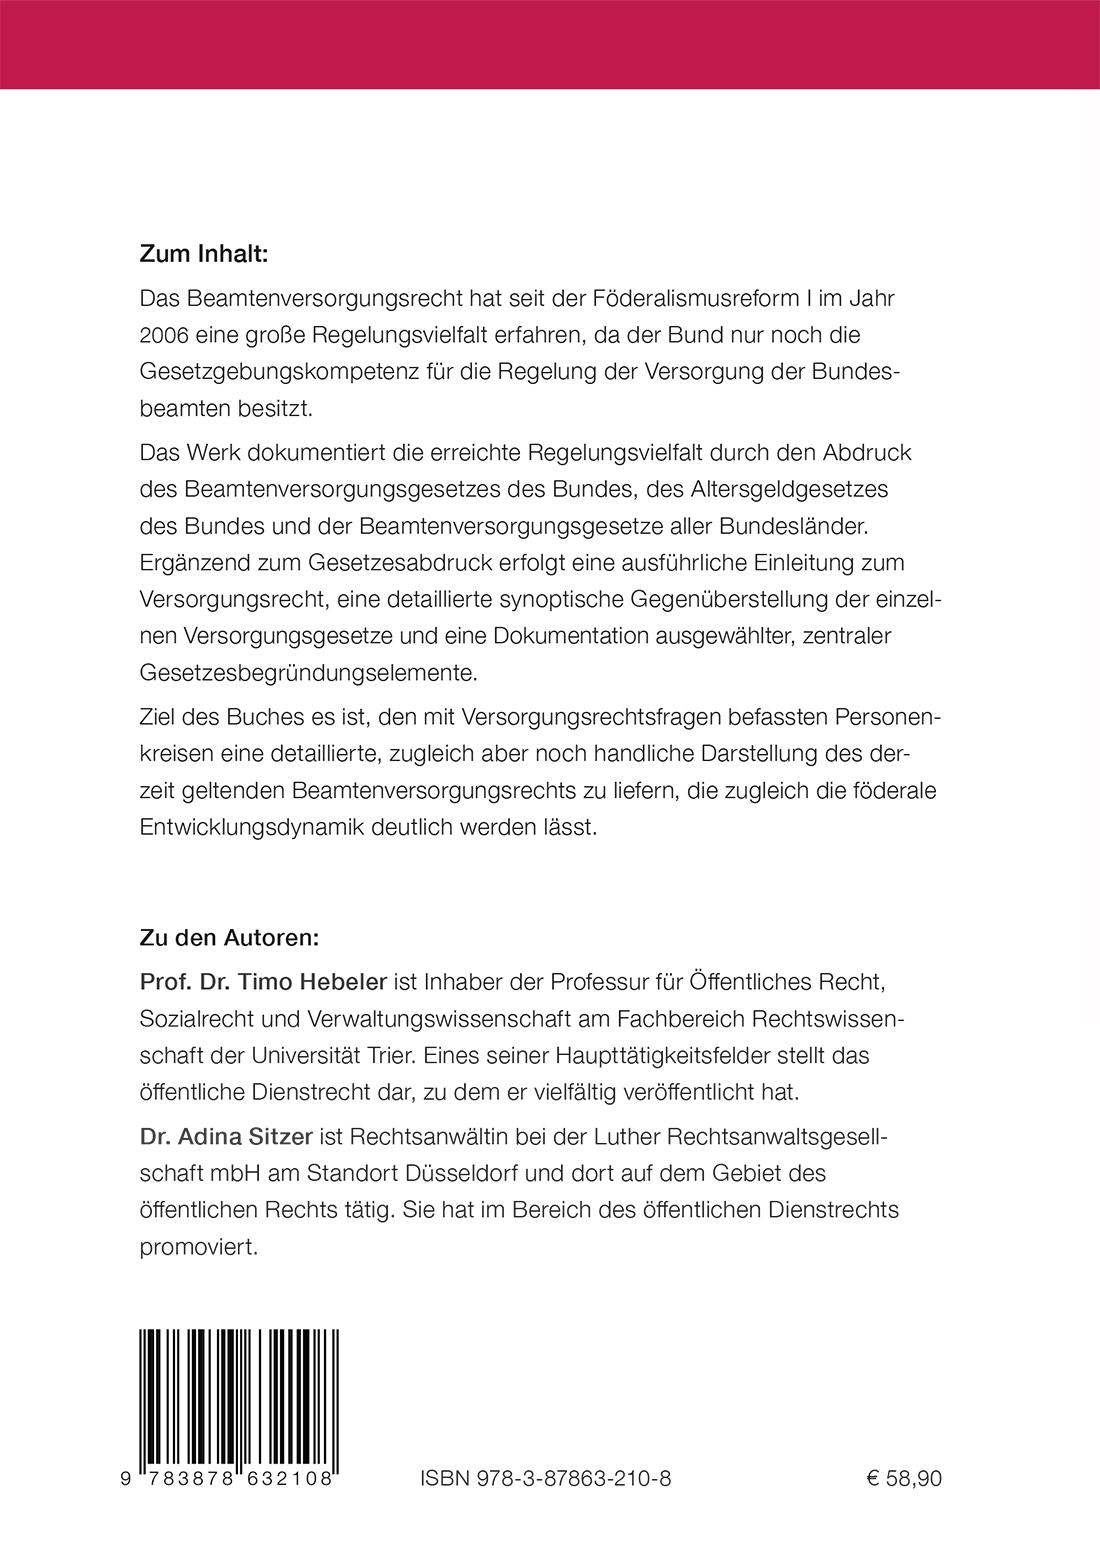 Beamtenversorgungsrecht in Bund und Ländern - Klappentext